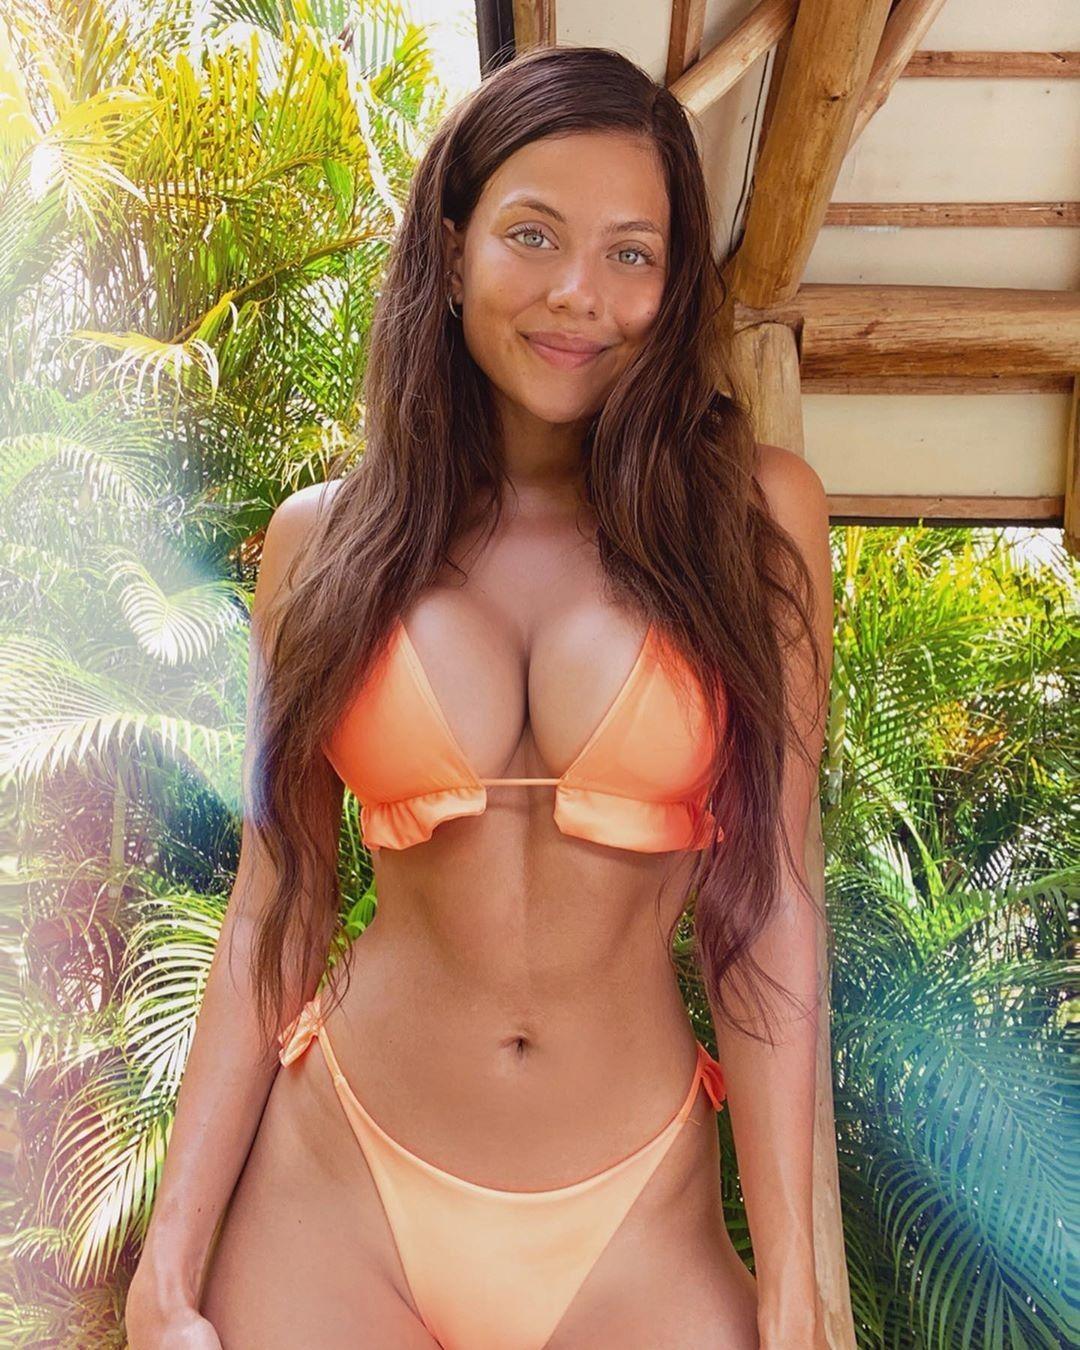 Laura Ortega Leaked